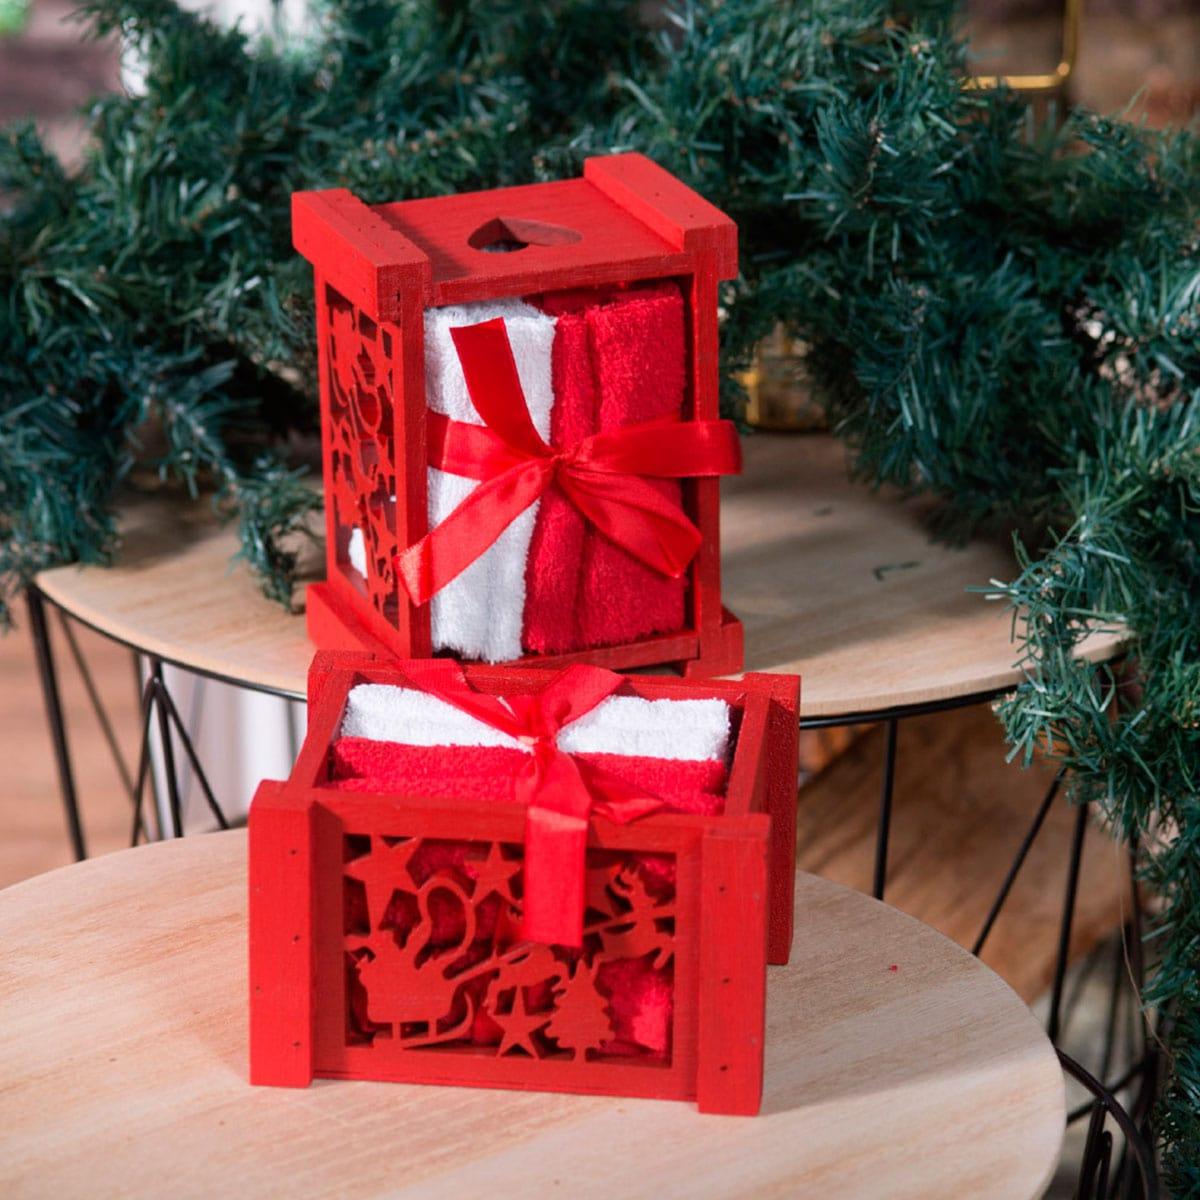 Λαβέτες Σετ 4τμχ Χριστουγεννιάτικες Σε Ξύλινο Κουτί Box 1011 Red-White Teoran Σετ Πετσέτες